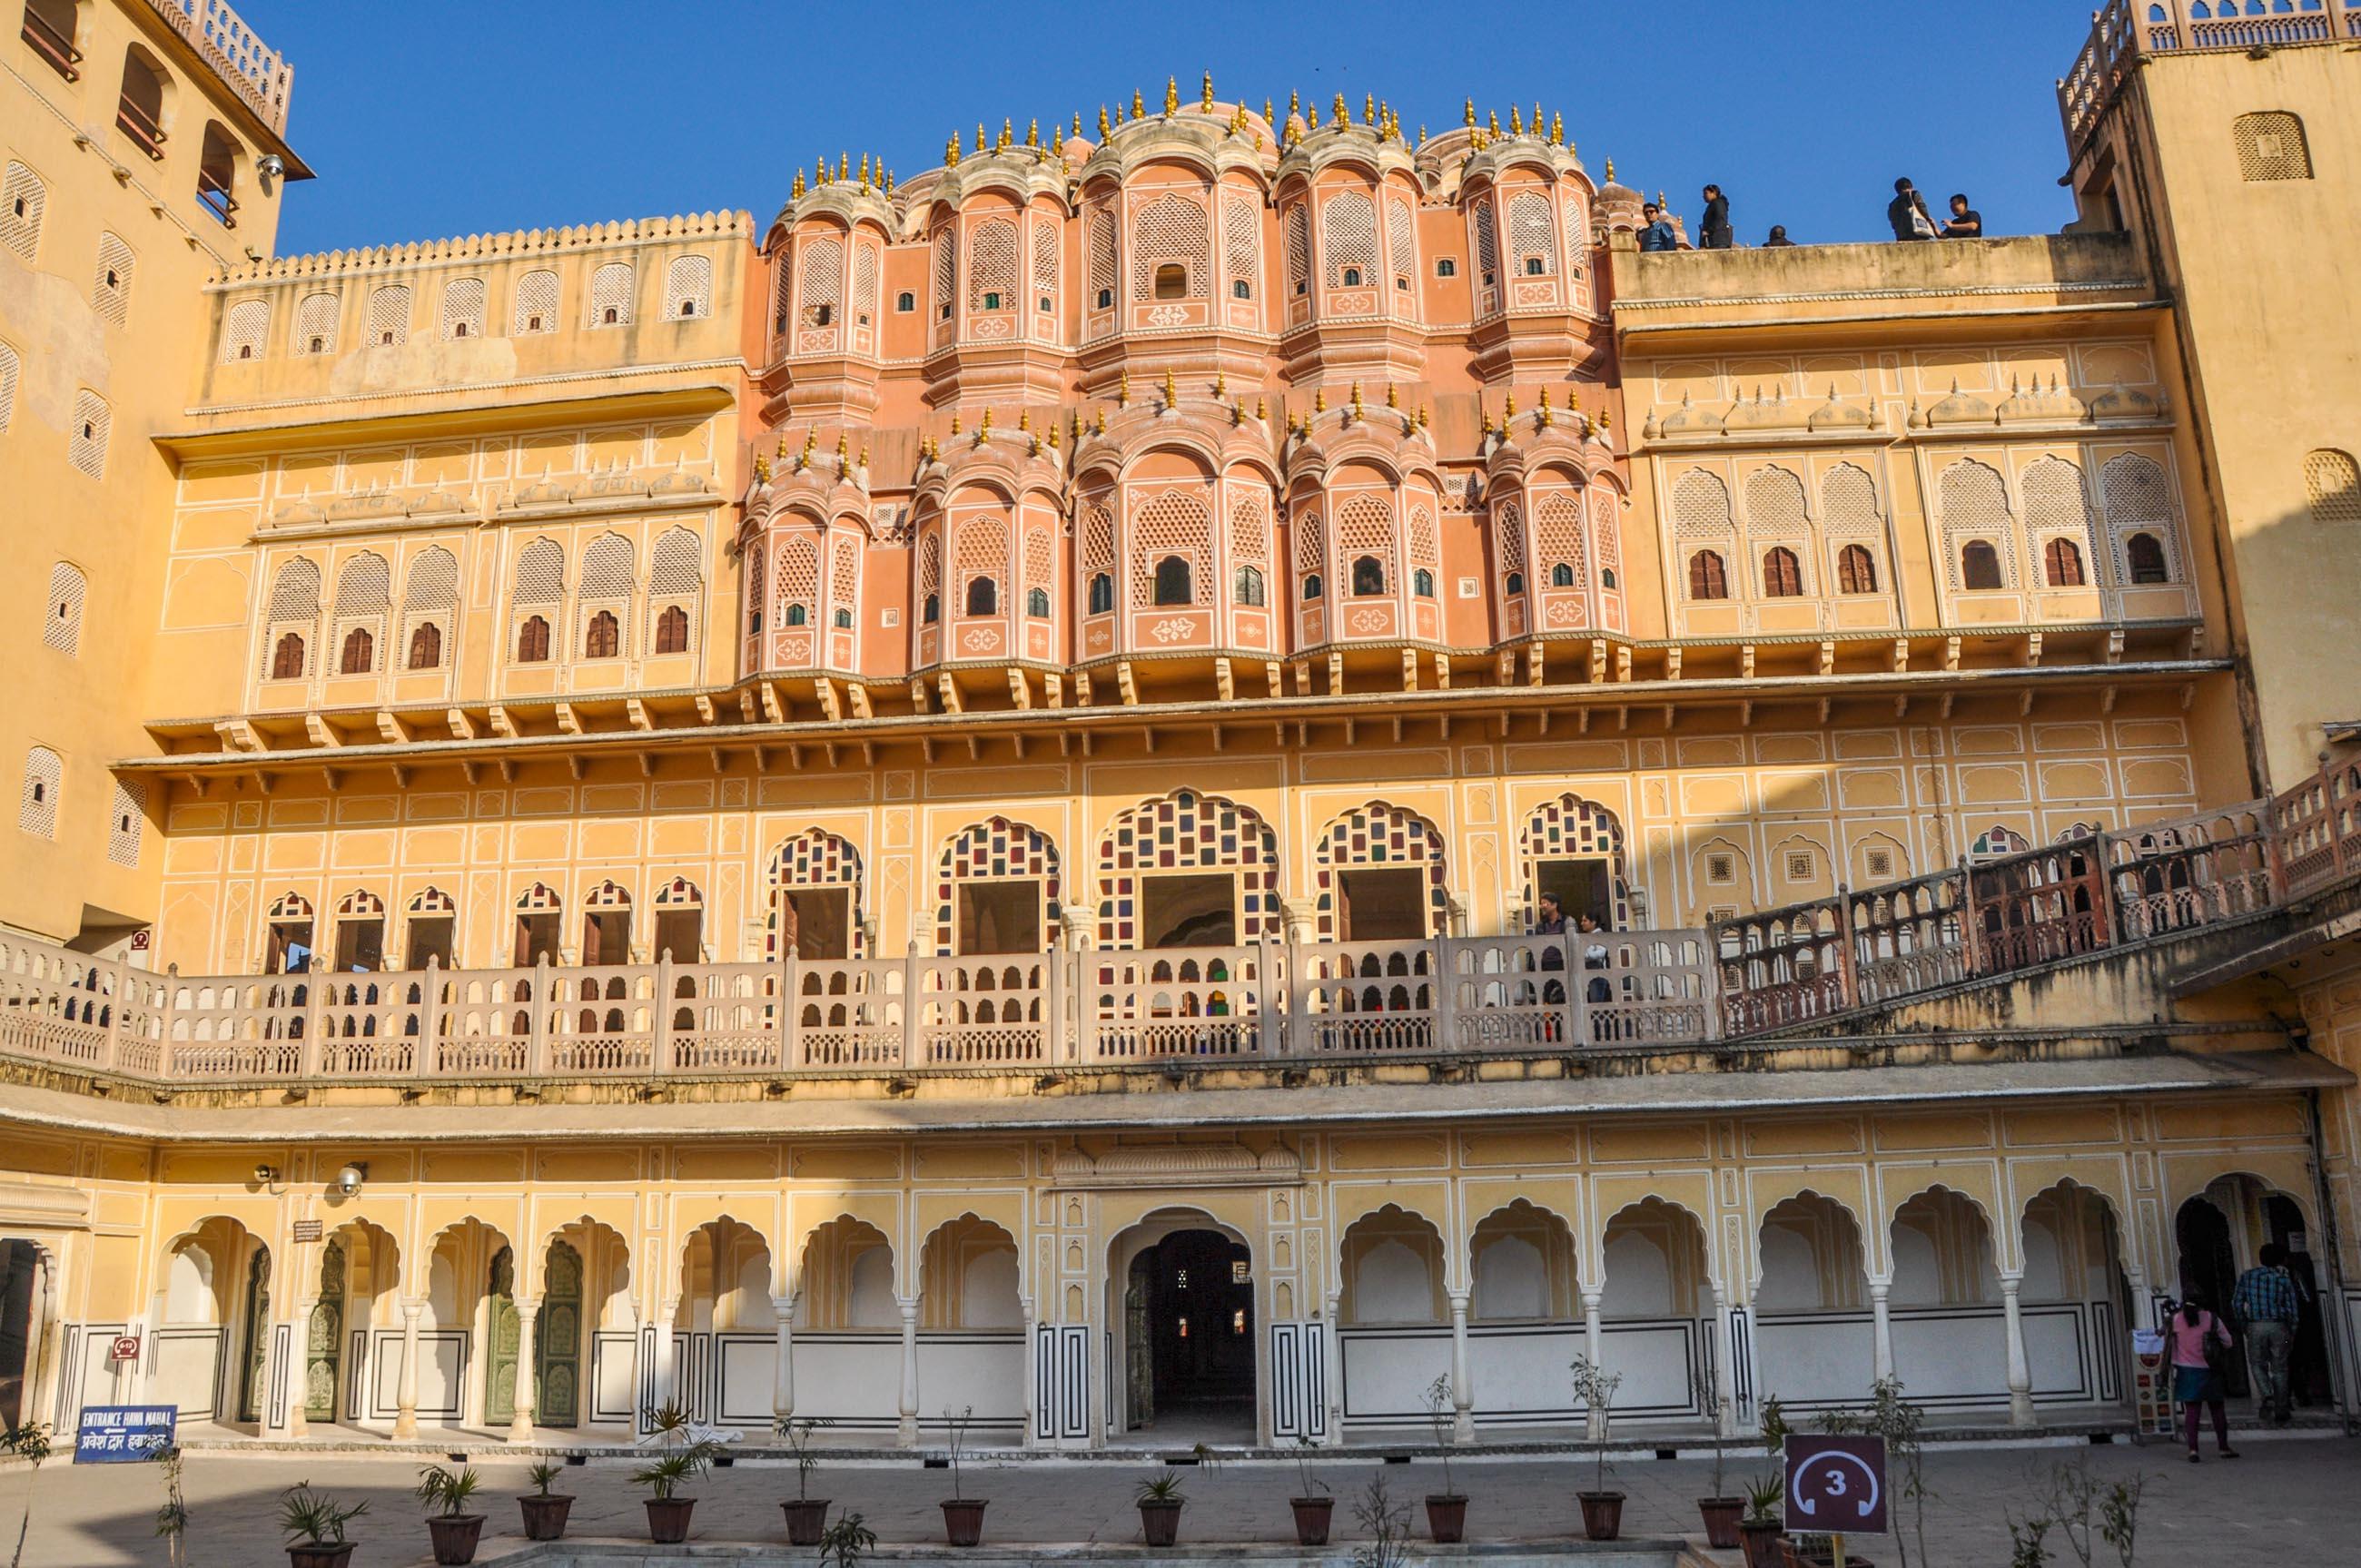 https://bubo.sk/uploads/galleries/16619/tomas_kubus_fatehpur_jaipur_dsc_0110.jpg